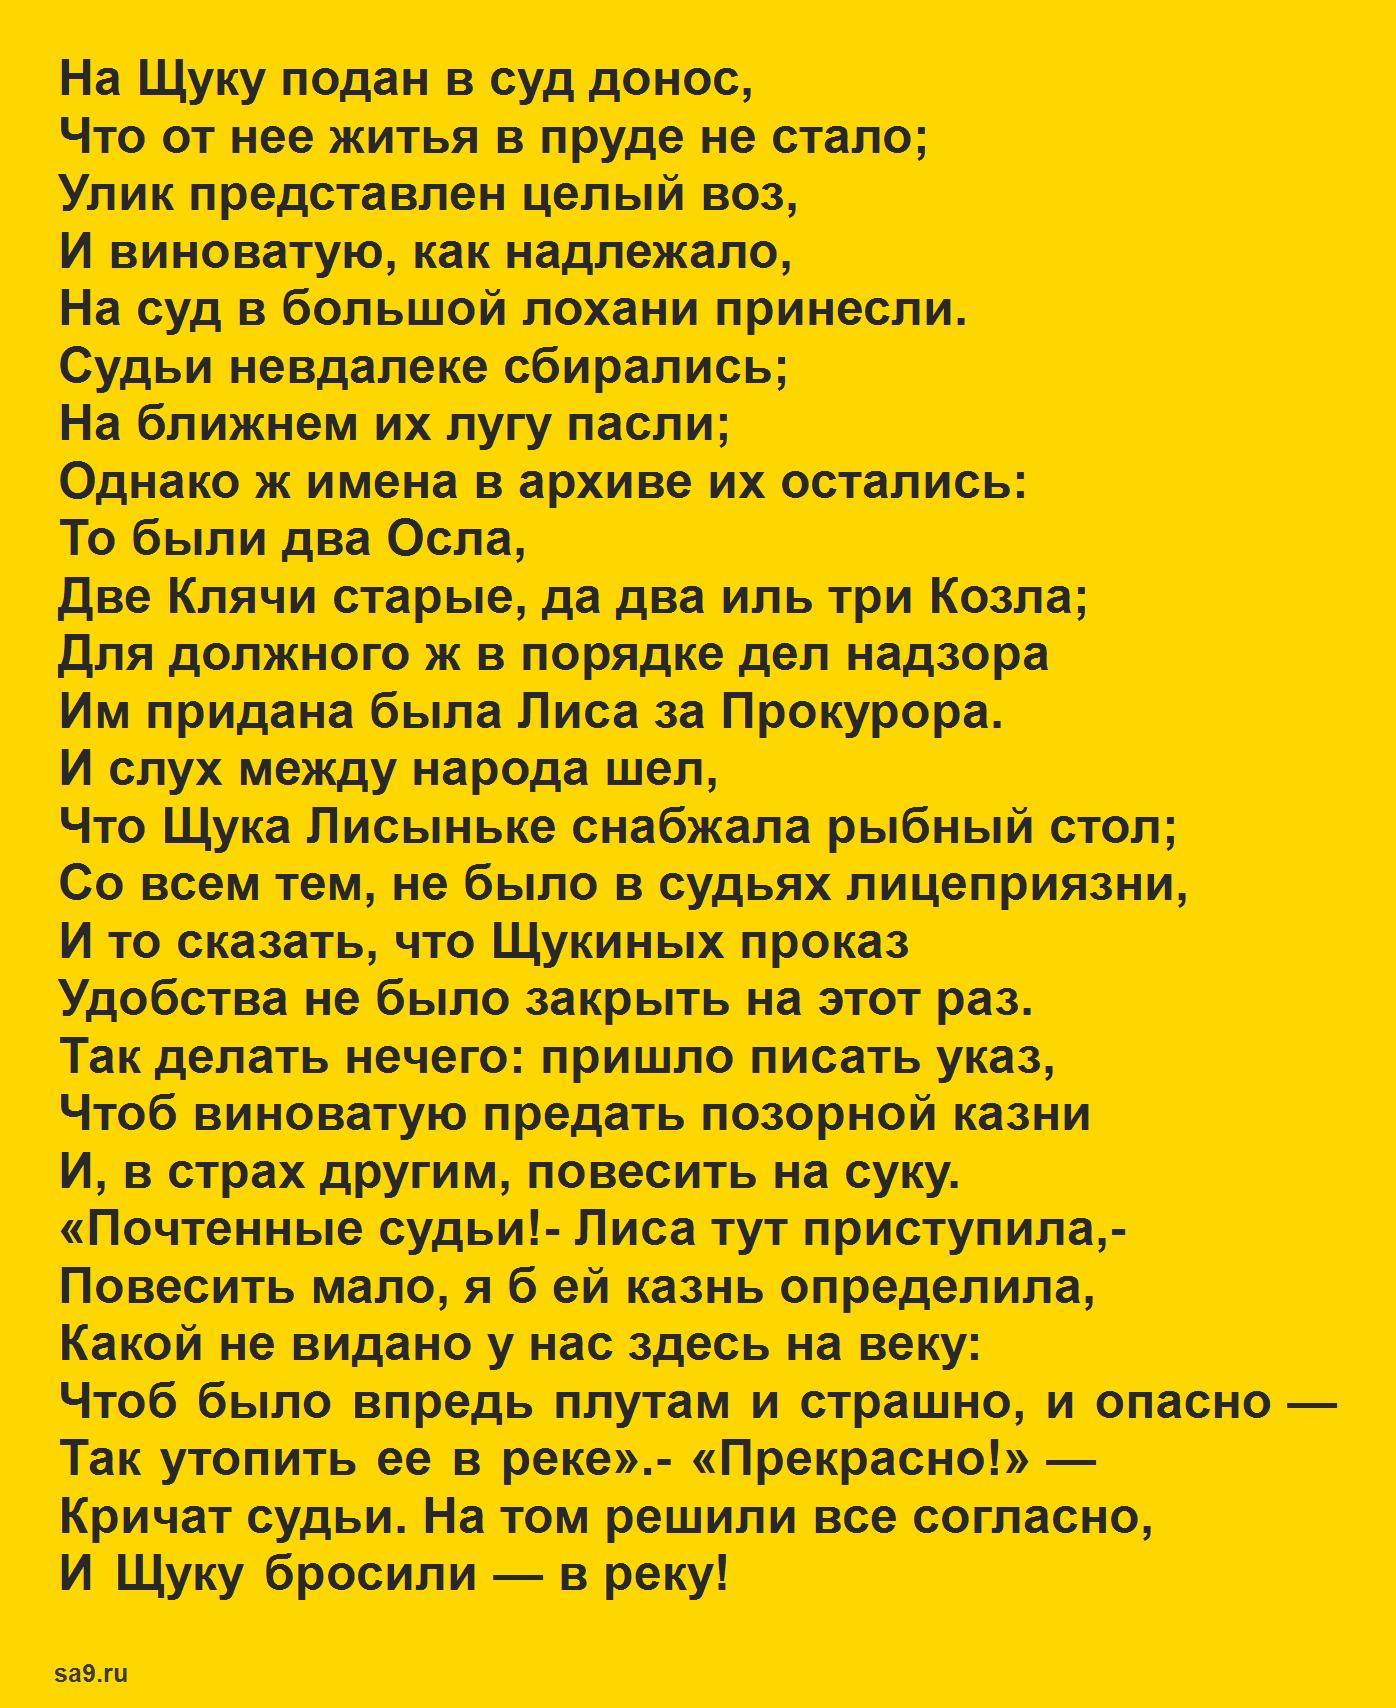 Басня Крылова 'Щука и Кот', текст басни читать полностью